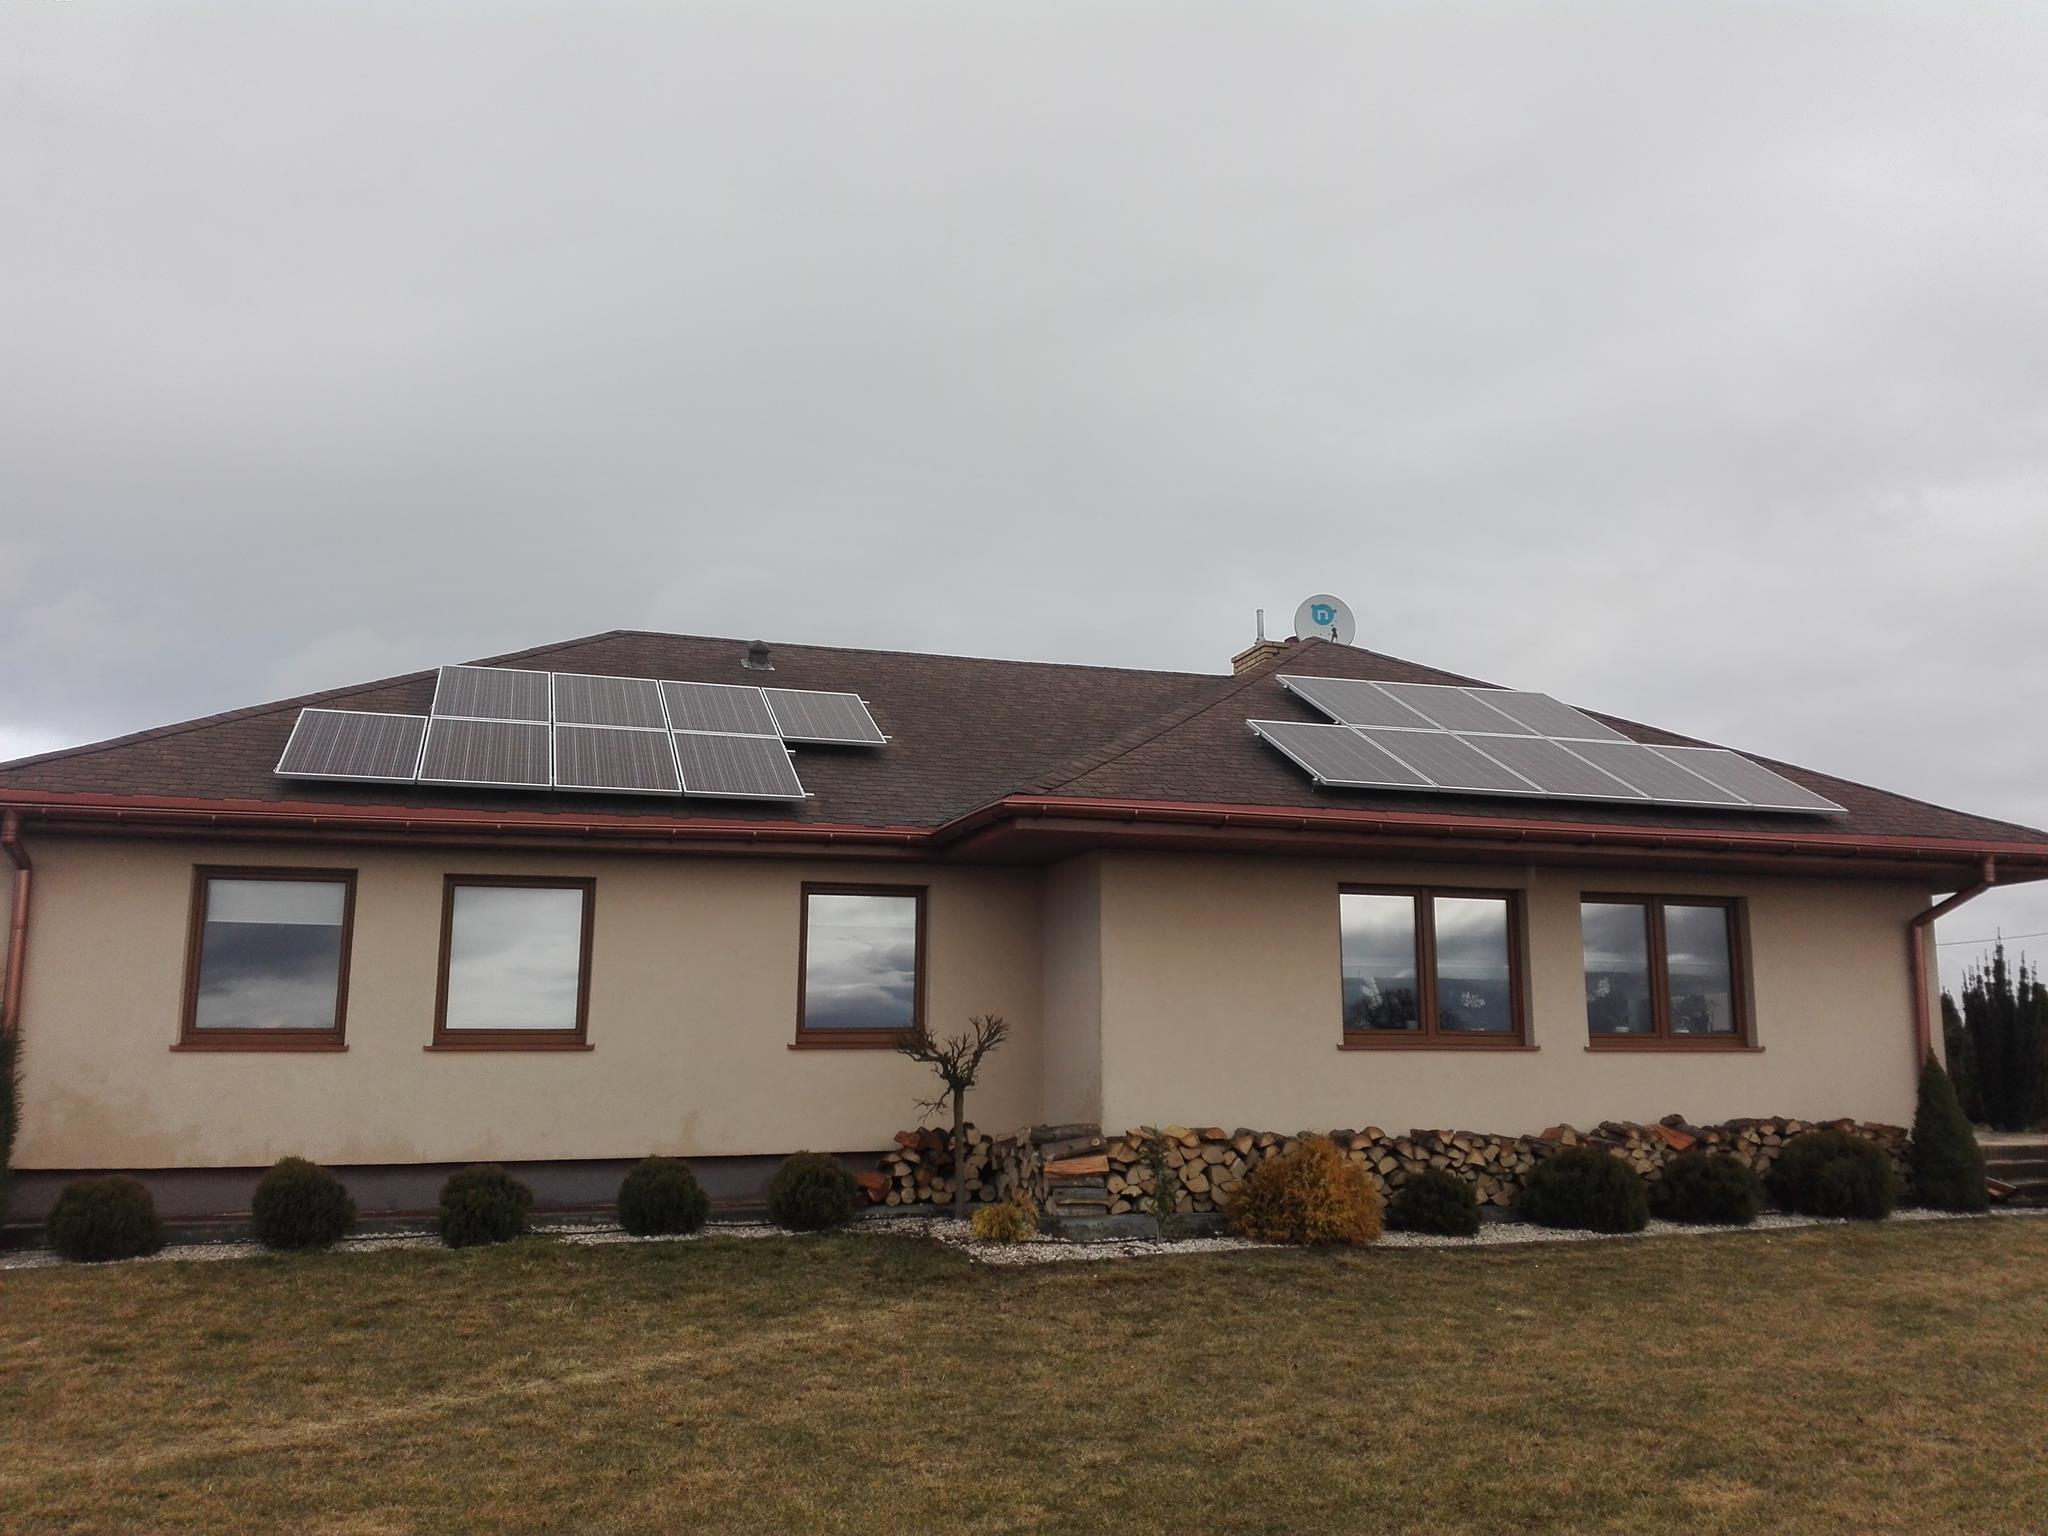 Instalacja fotowoltaiczna na zamontowana na dachu domu jednorodzinnego przez APP Energy